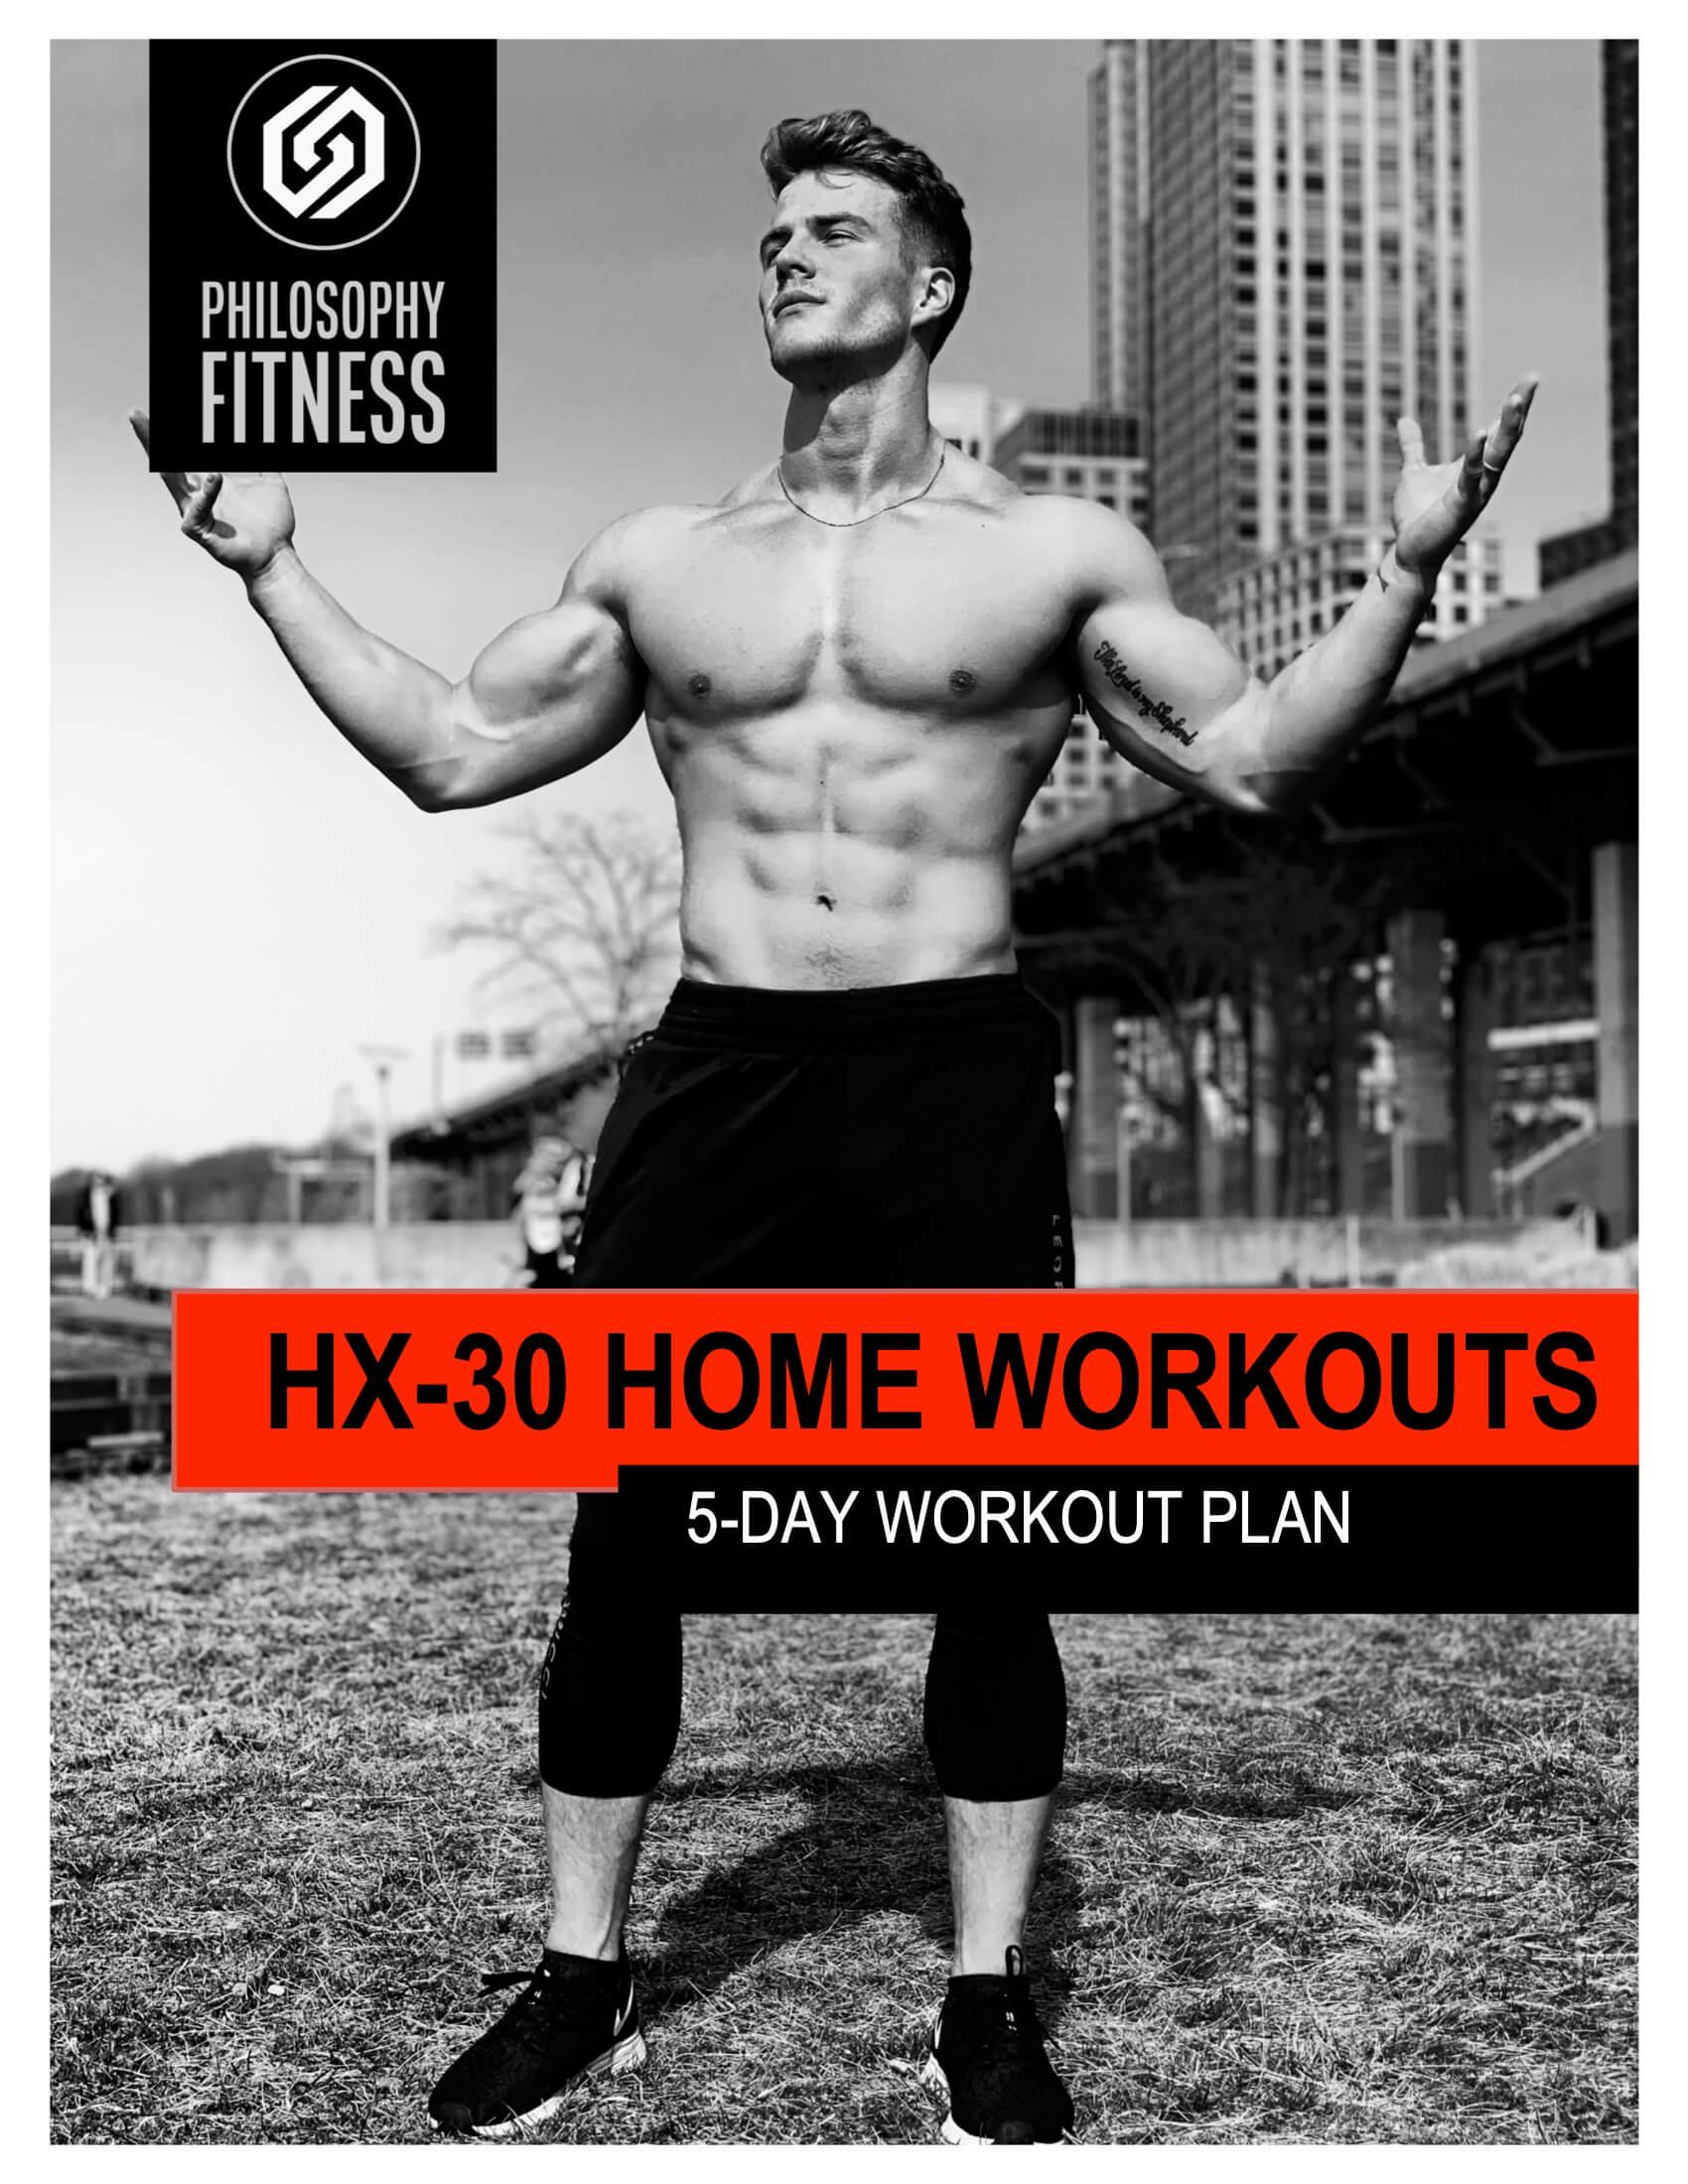 HX-30 COVER